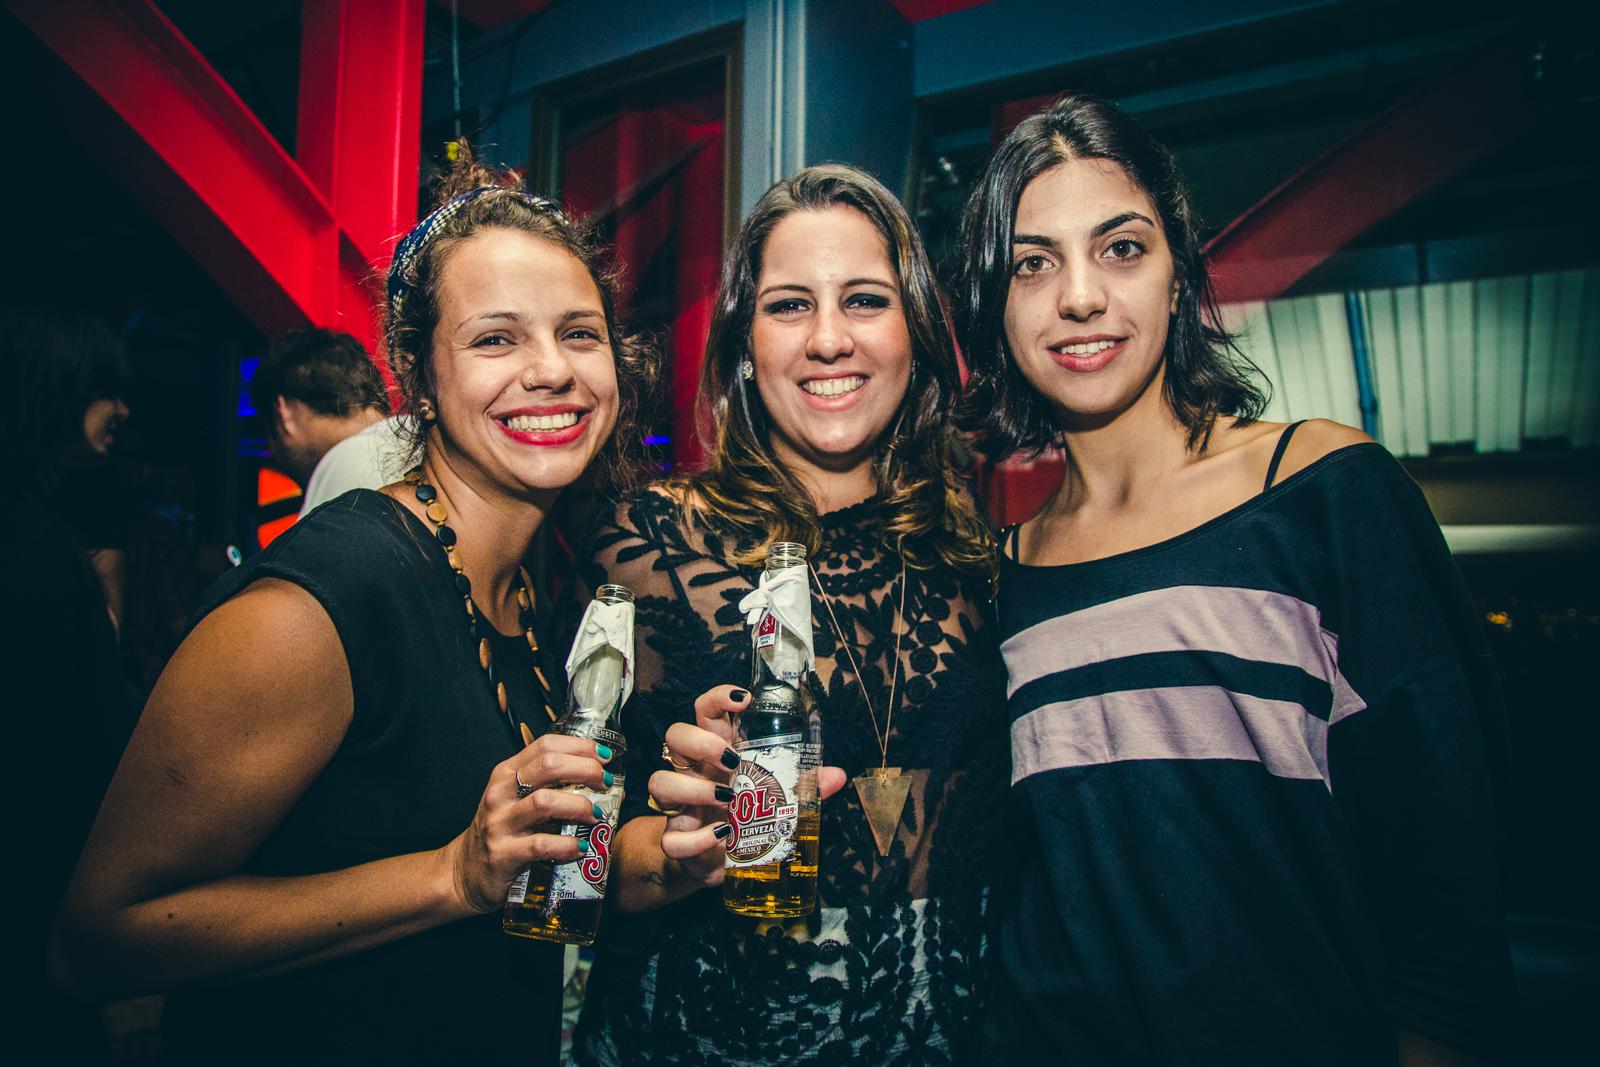 Aline Croce, Beatriz Naccacche e Mariana Adame